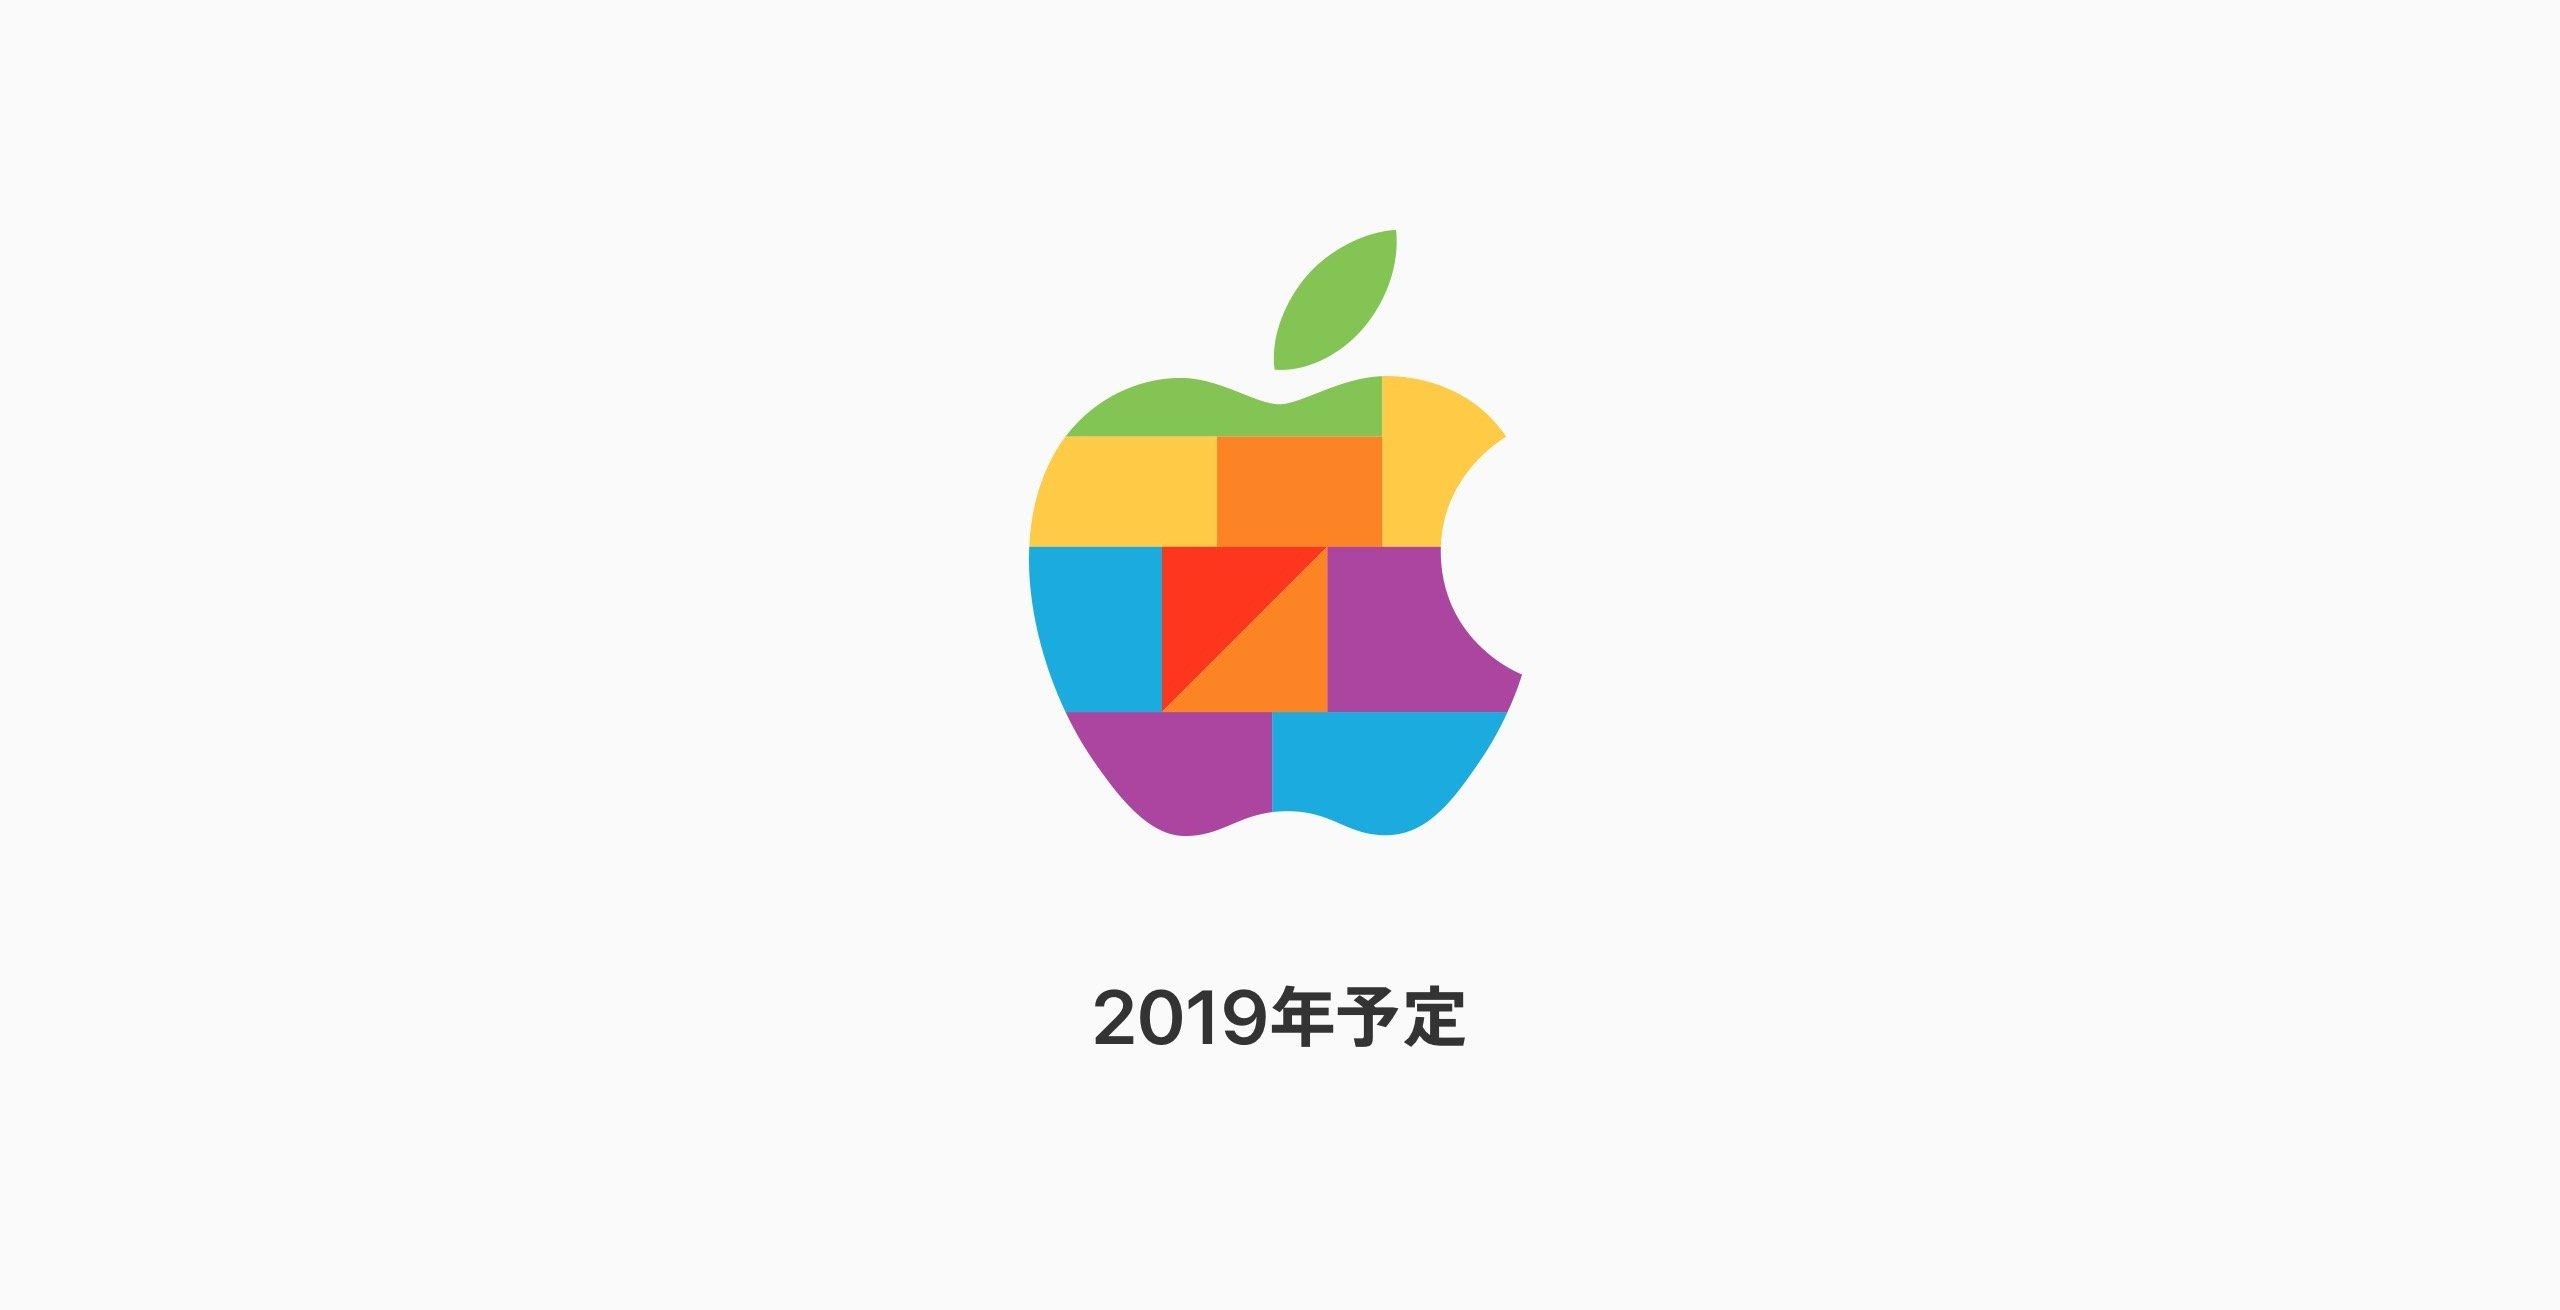 Apple ラゾーナ川崎プラザ、12月前半にオープンか